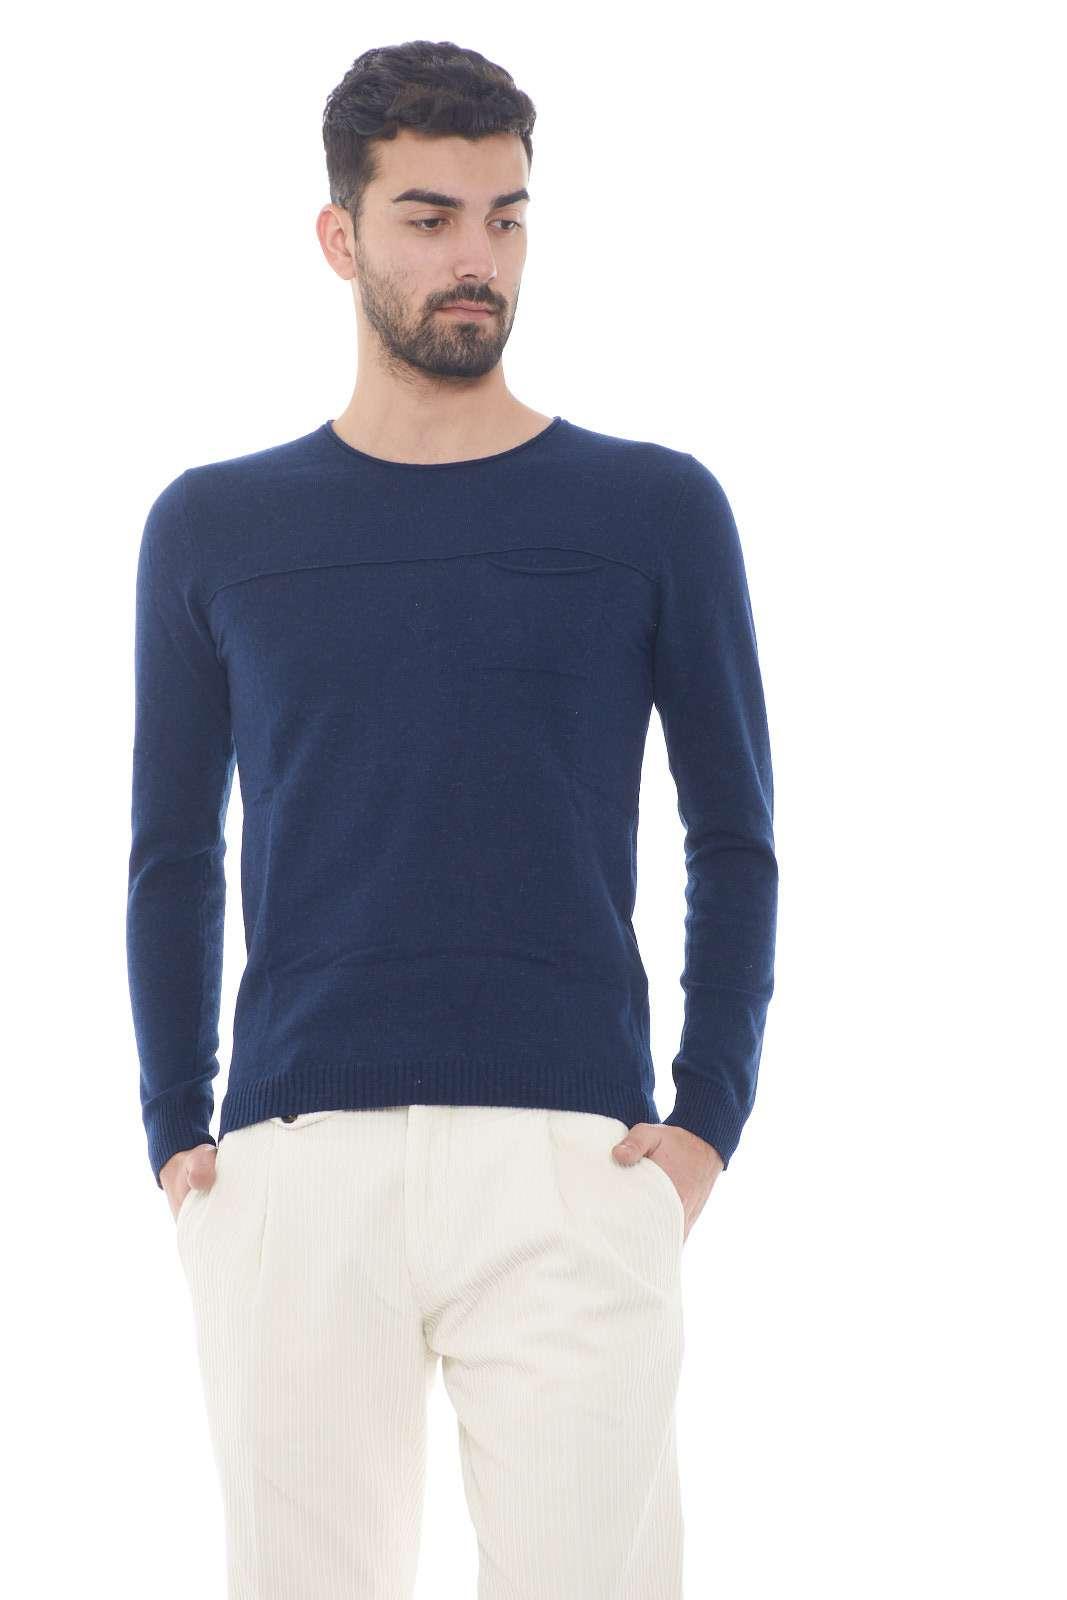 Una maglia pratica e versatile, perfetta per look quotidiani sempre curati e impeccabili. Da indossare con jeans e sneakers, per outfit casual e alla moda.